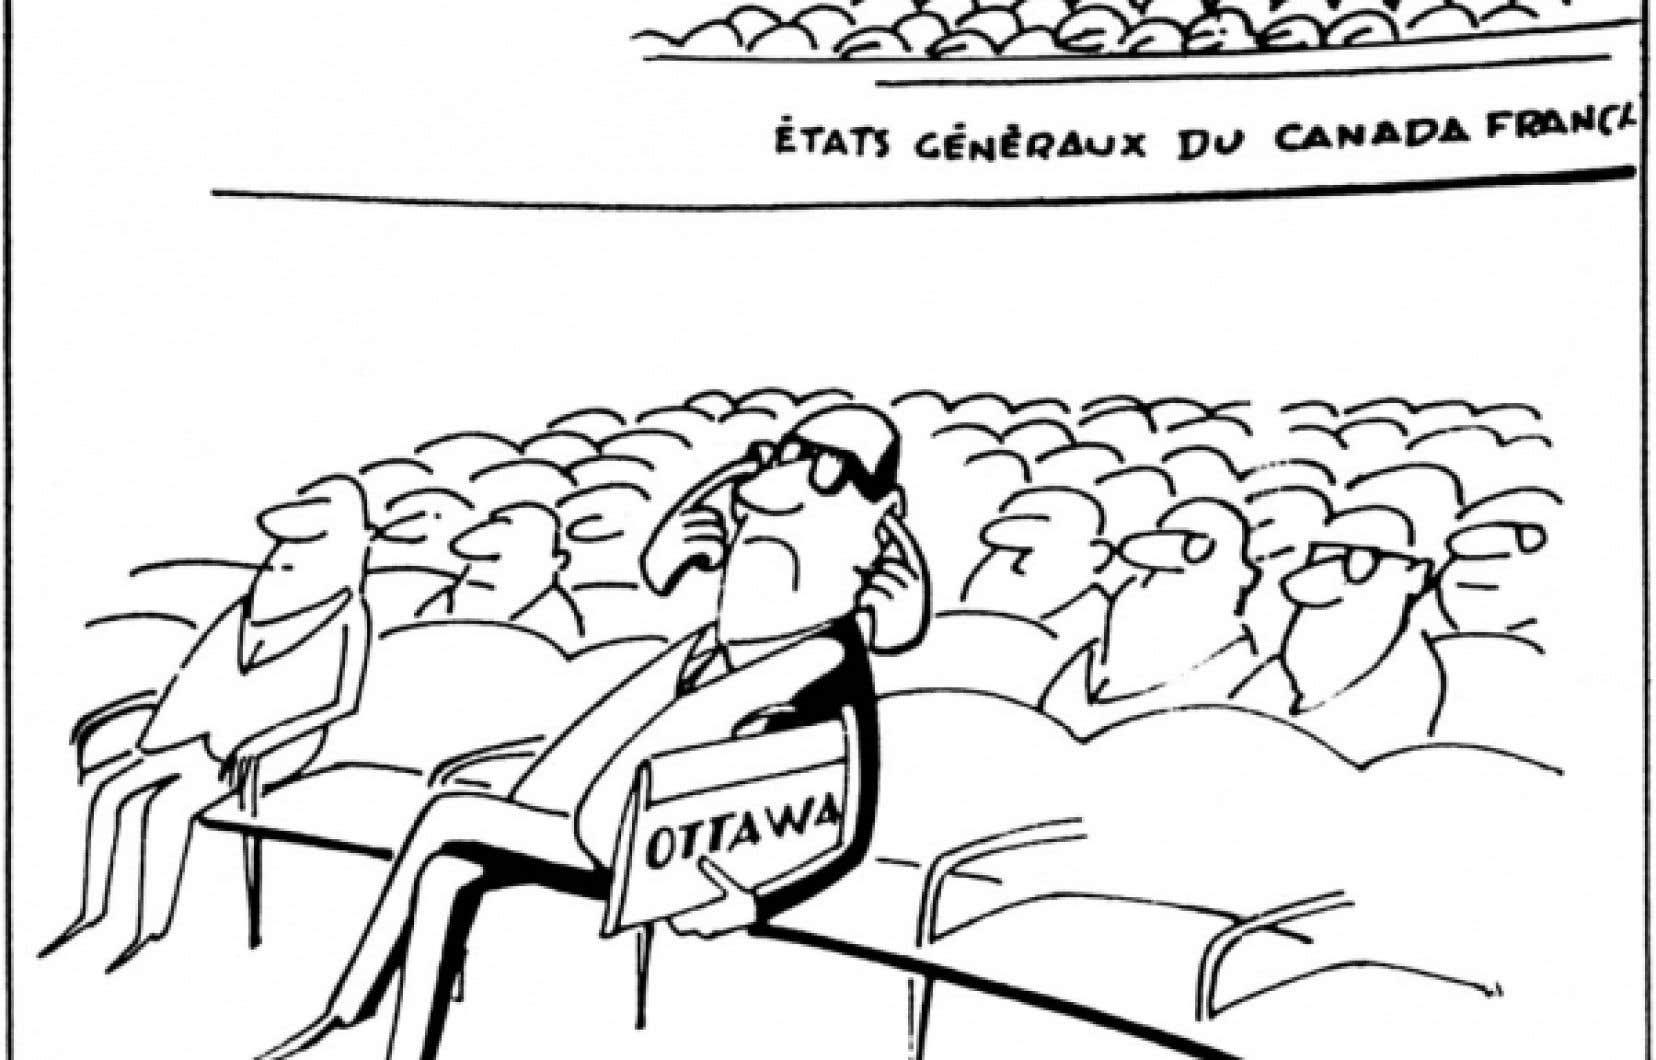 francais canadien parle hors quebec